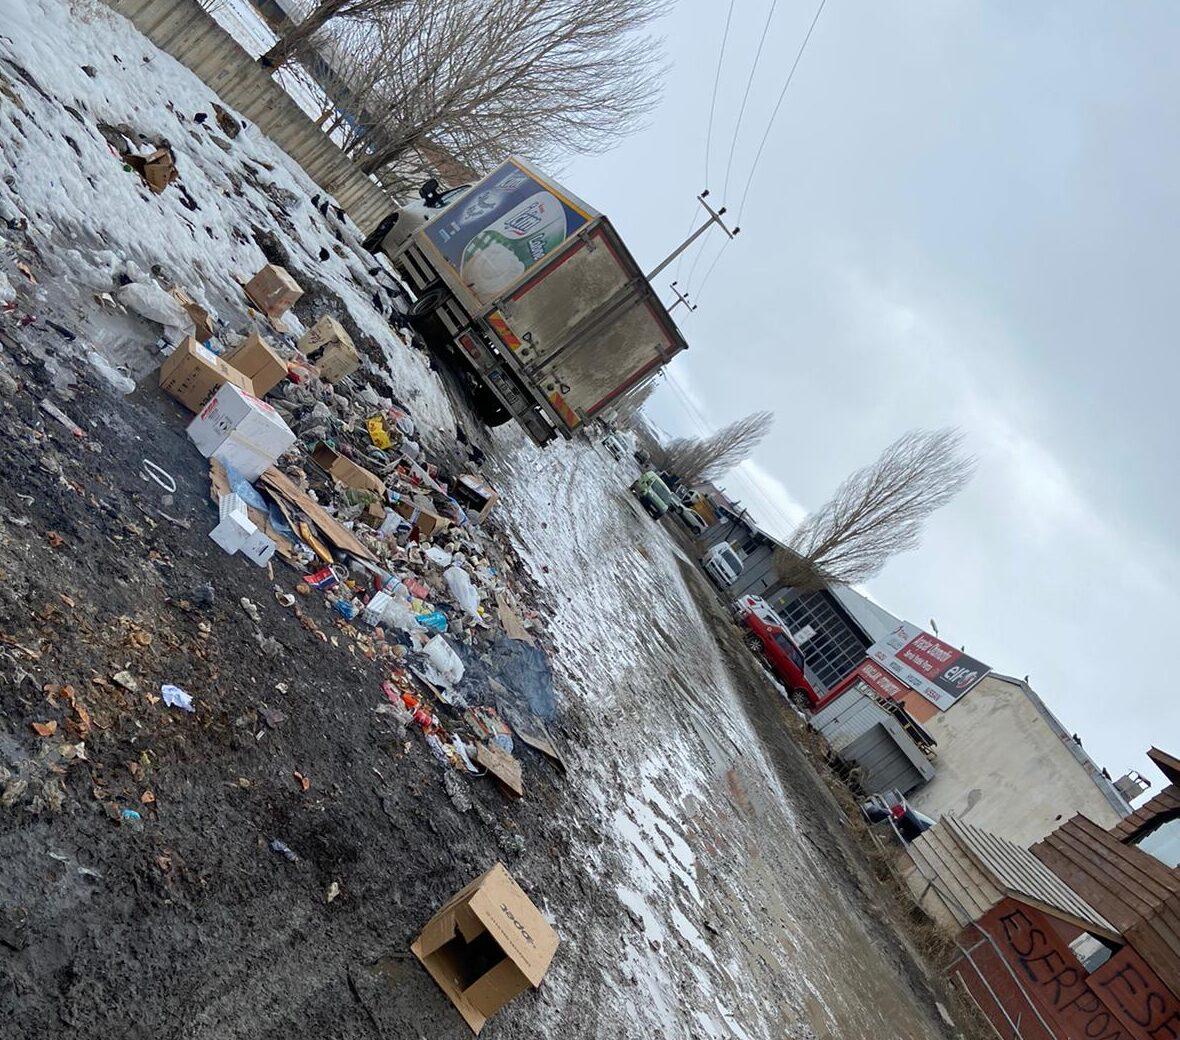 guven-ozen-kars-belediyesini-derhal-goreve-davet-ediyoruz-2-e1612536967973.jpg